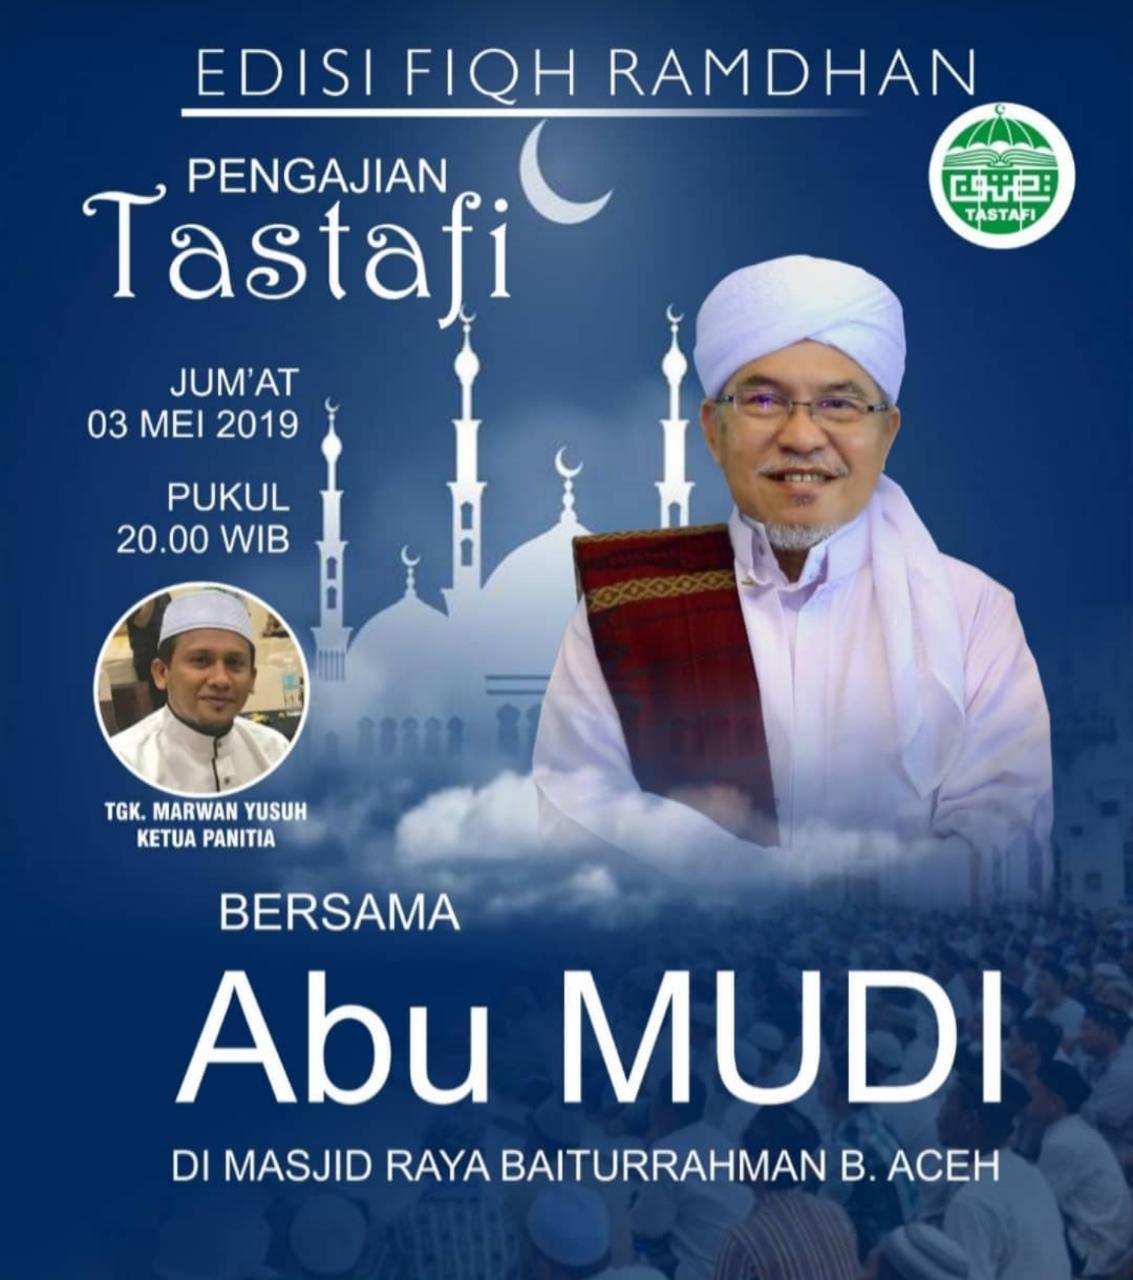 Al-Mursyid Abu MUDI Isi Pengajian Tastafi Menjelang Ramadhan di Masjid Raya Baiturrahman